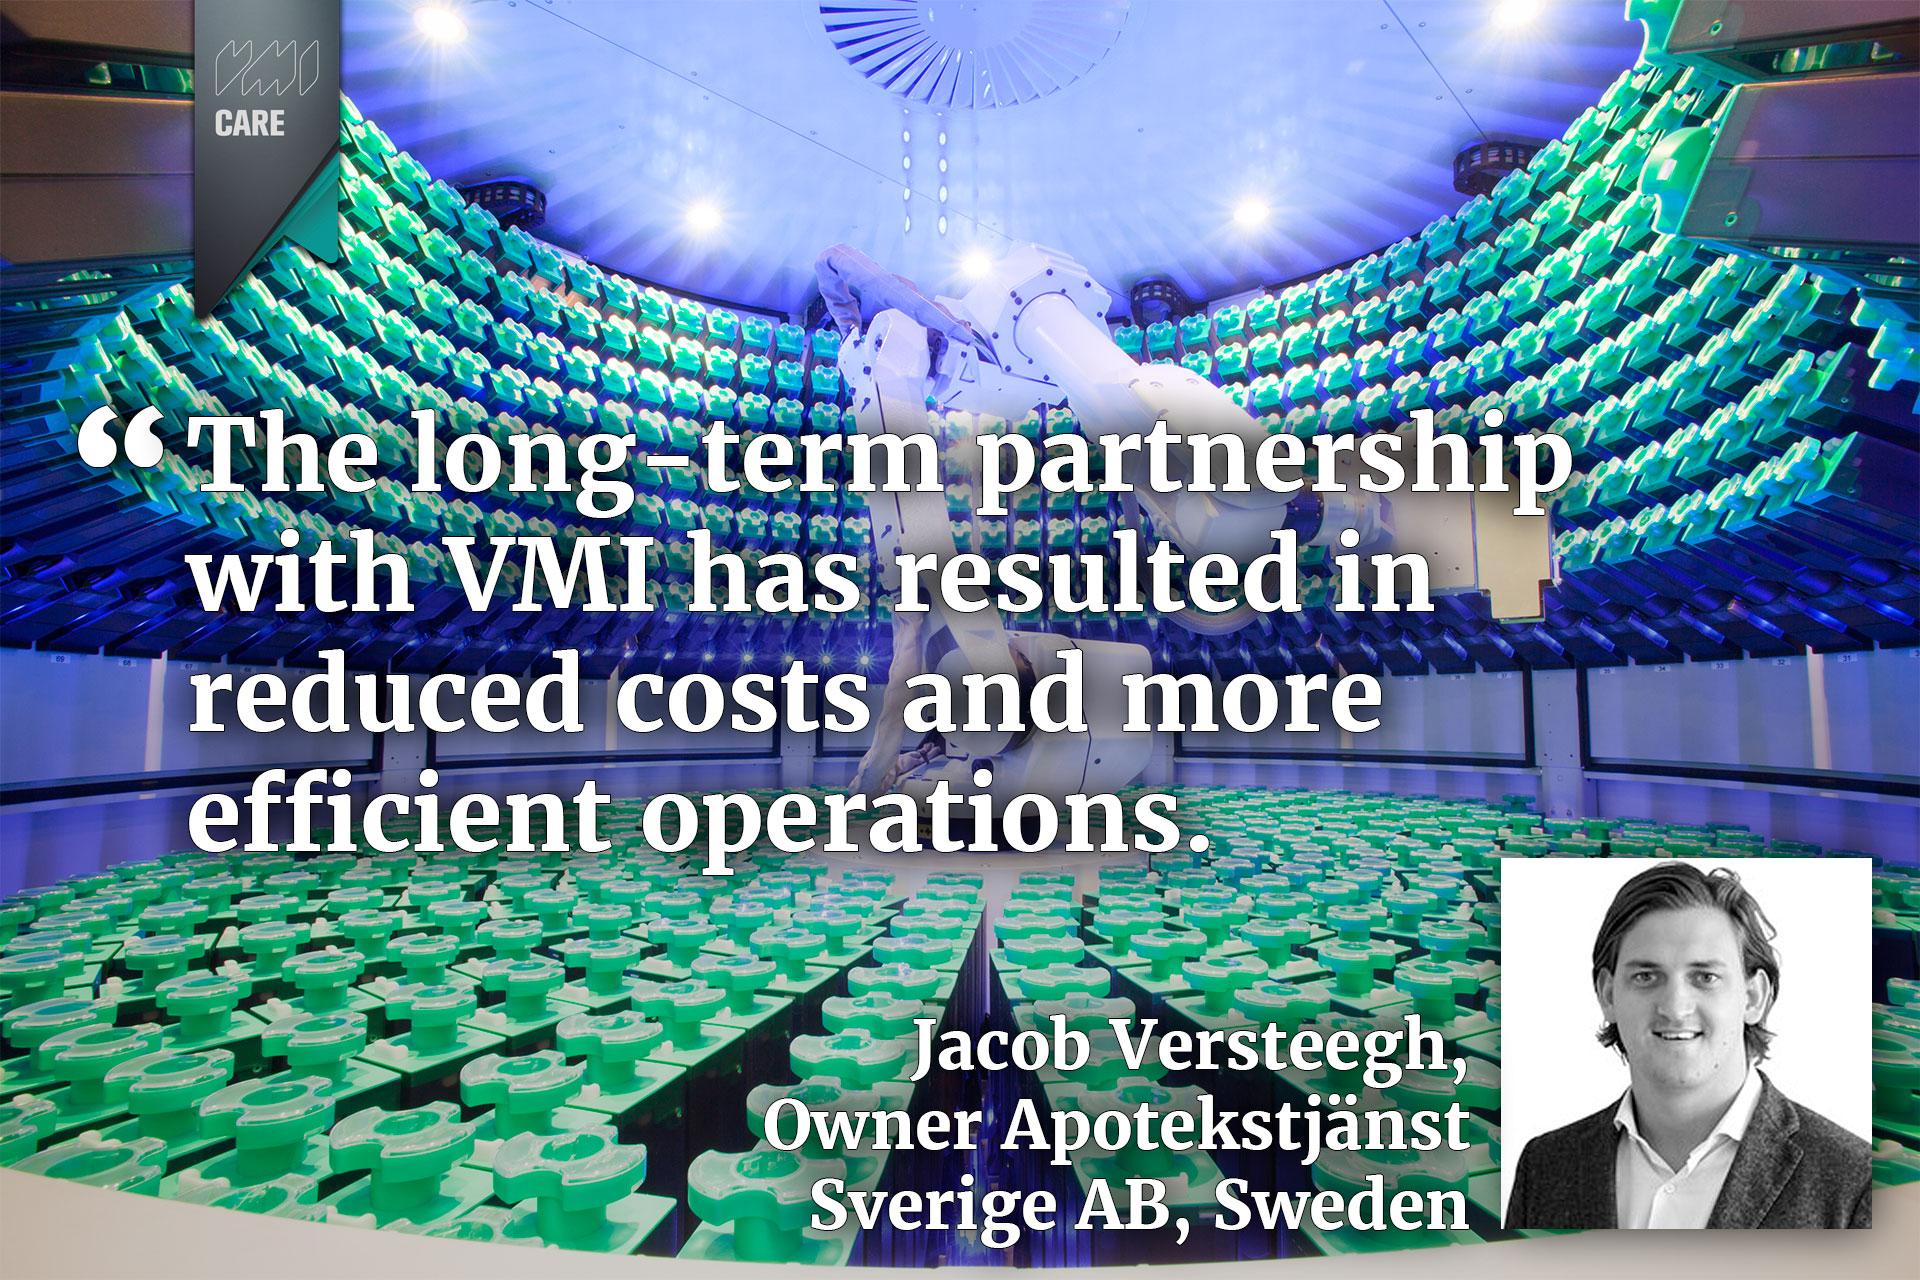 https://cn.vmi-group.com/vmi-data/uploads/2020/12/2020-12-Customer-Testimonial-001.jpg